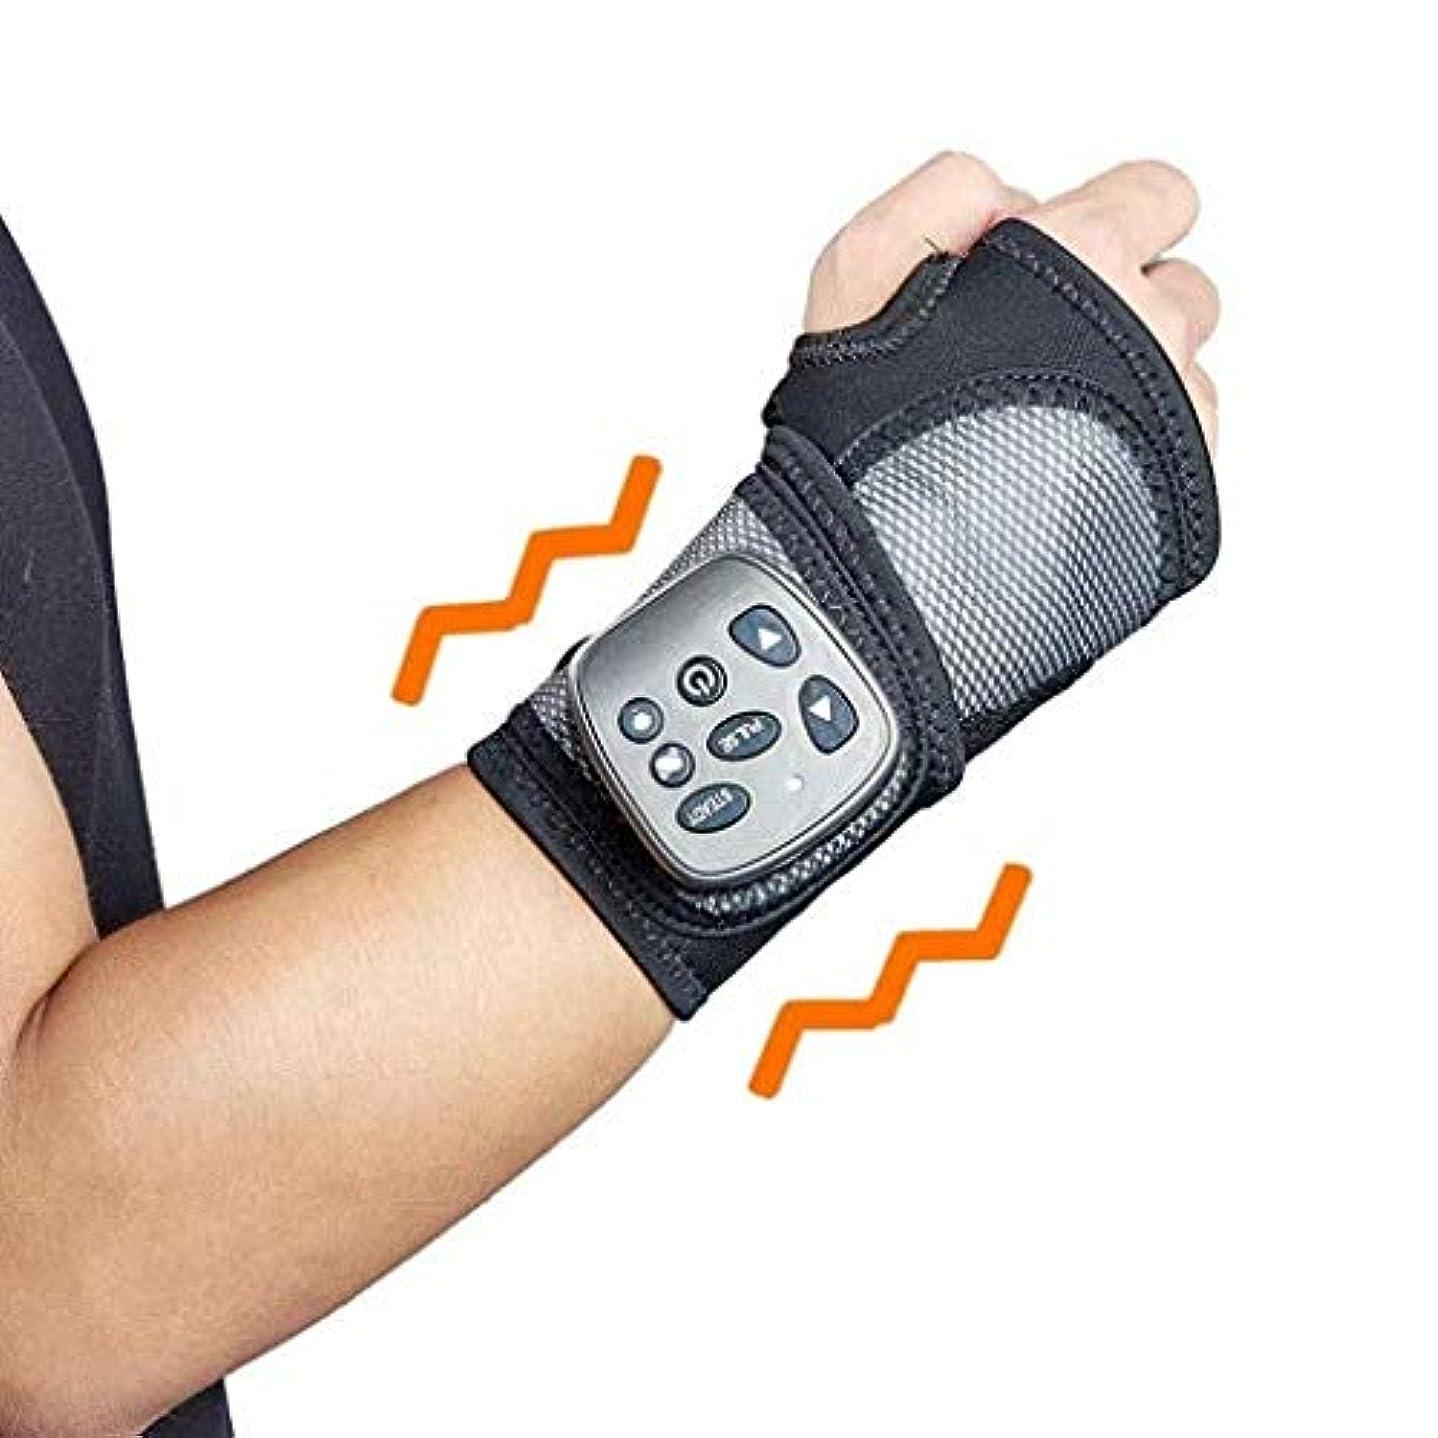 届けるスロー投げ捨てるハンドマッサージ、手首のマッサージ器、充電式リストバンド、手の痛み、振動暖房を軽減血液の循環を促進するための (Color : Vibrationsqueeze, Size : One size)